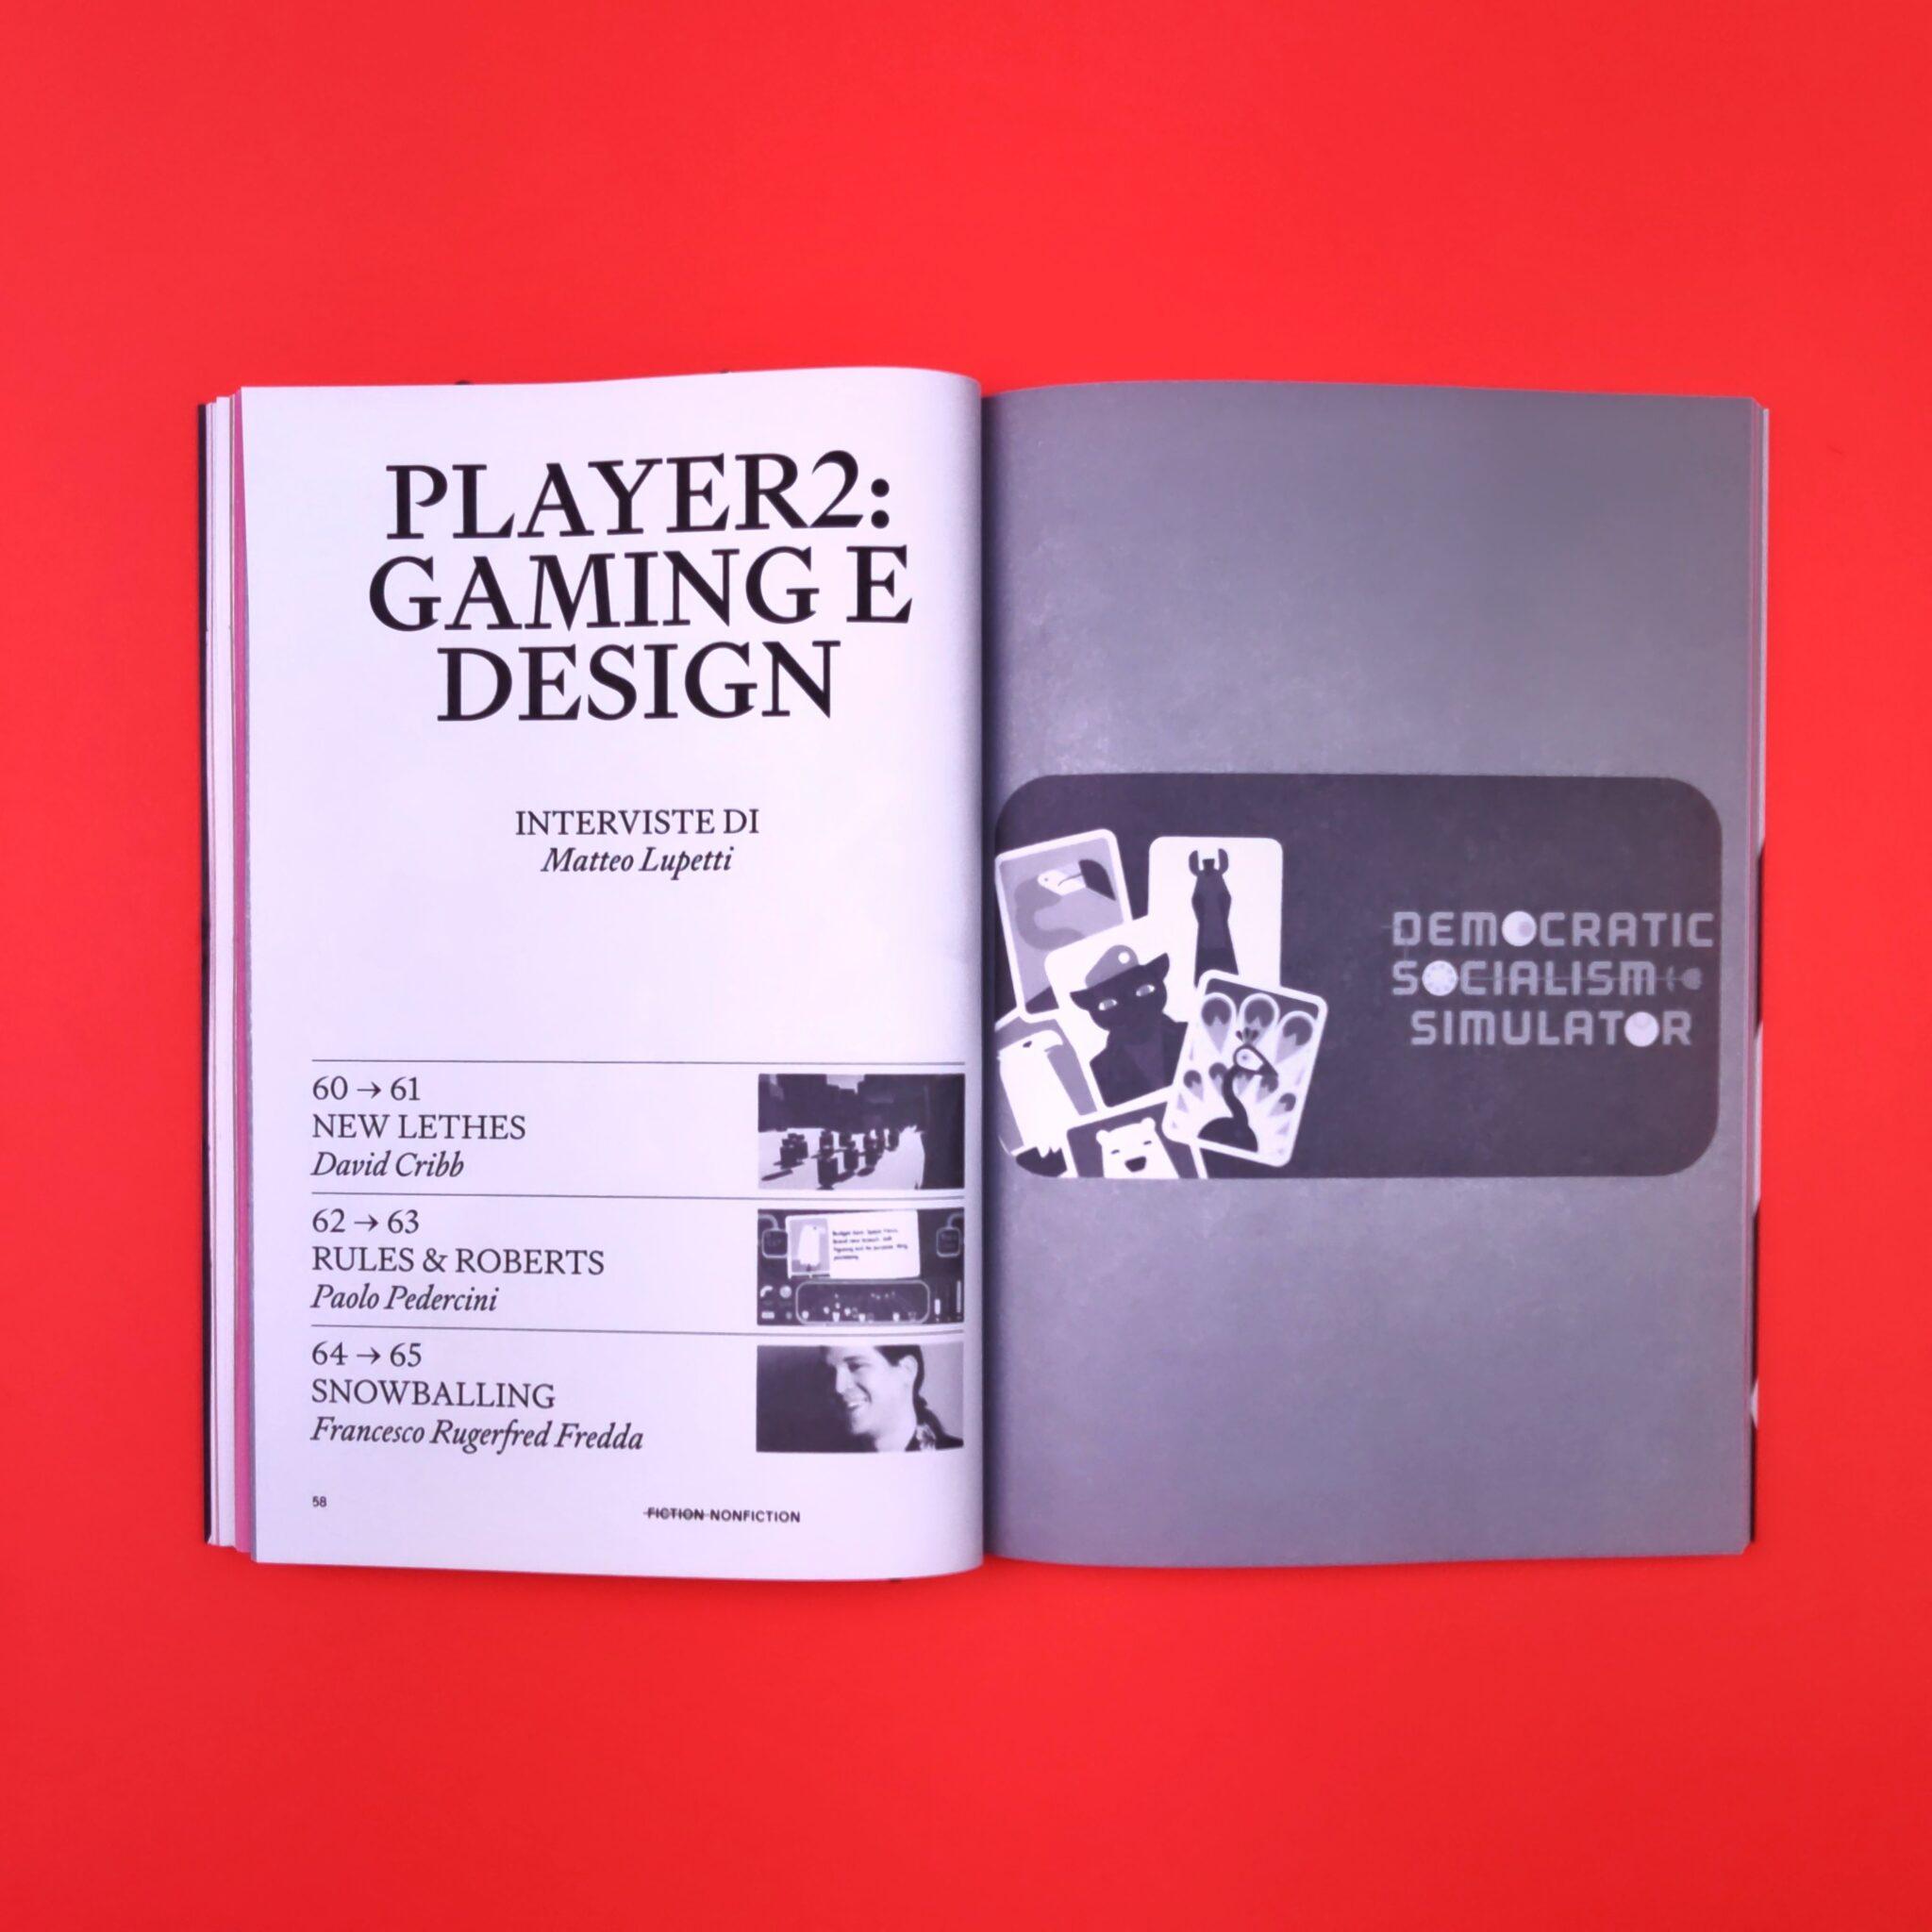 Player2: gaming e design